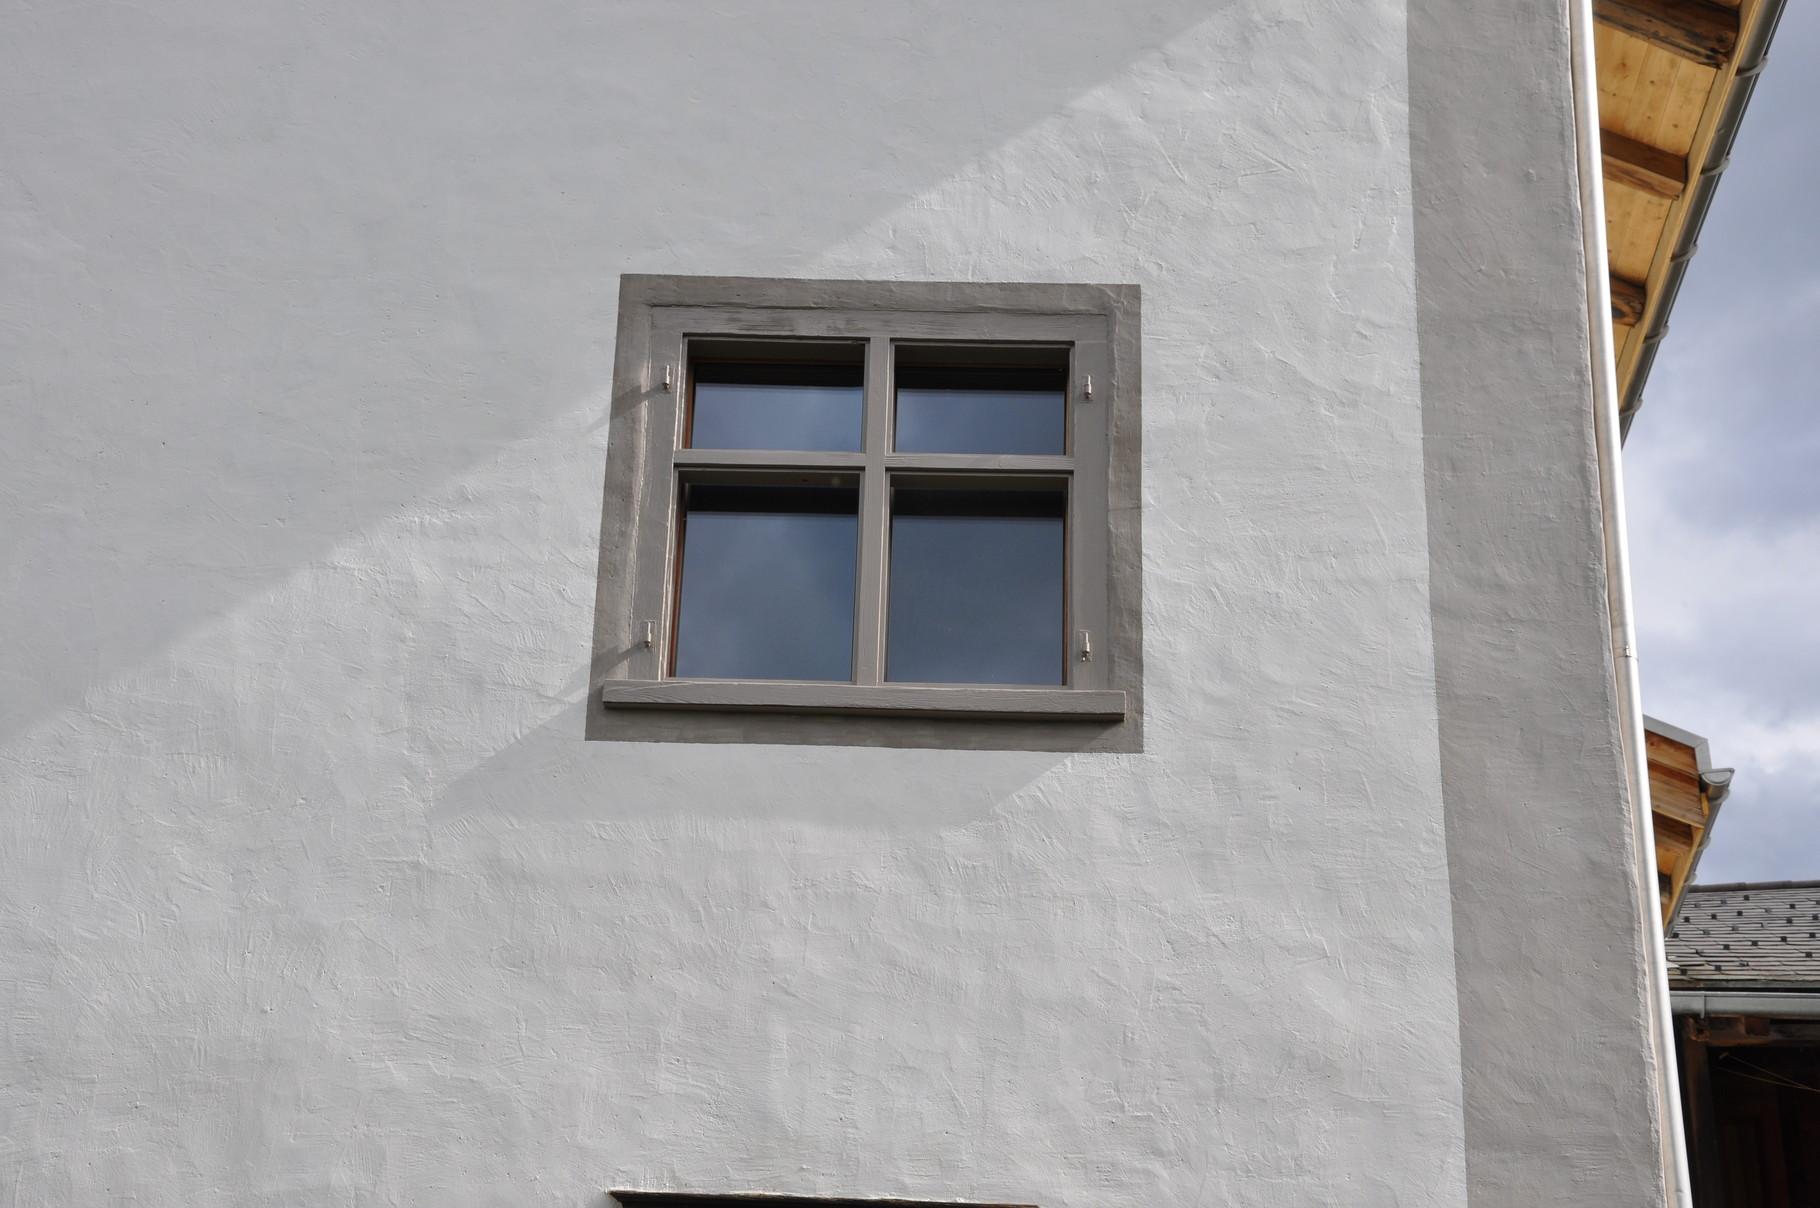 Detail Kalkputz mit aufgemalten Ecklisenen und Fenstereinrahmungen in versch. Grautönen